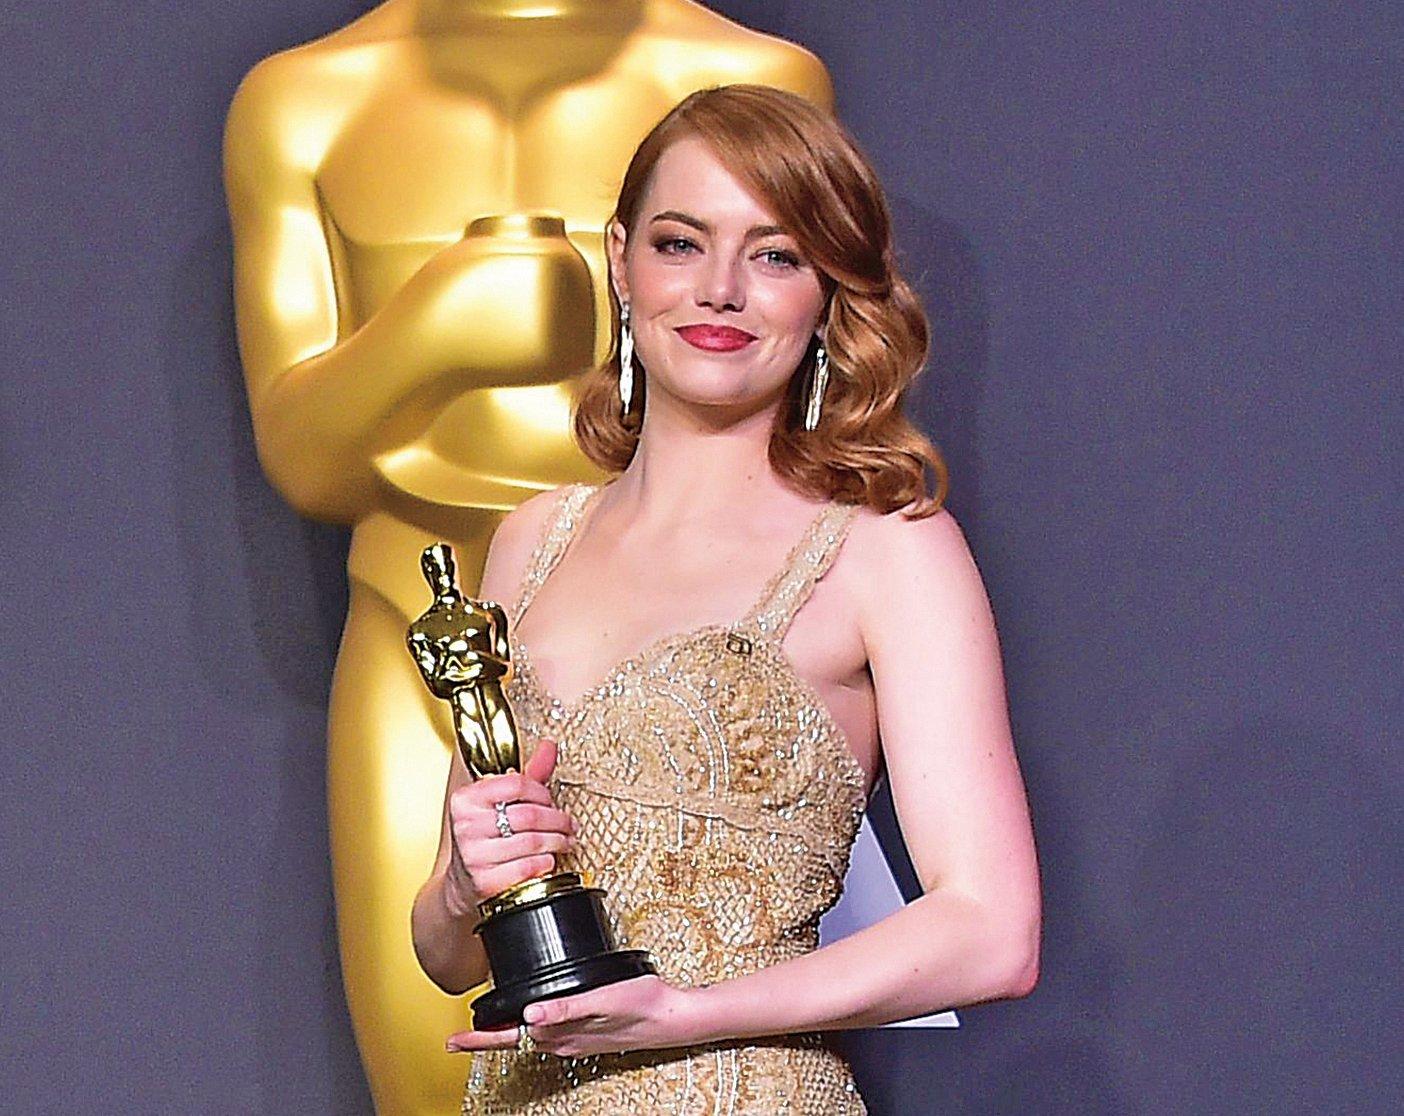 最佳女主角 愛瑪史東 (Emma Stone) 《星聲夢裡人》 (La La Land)